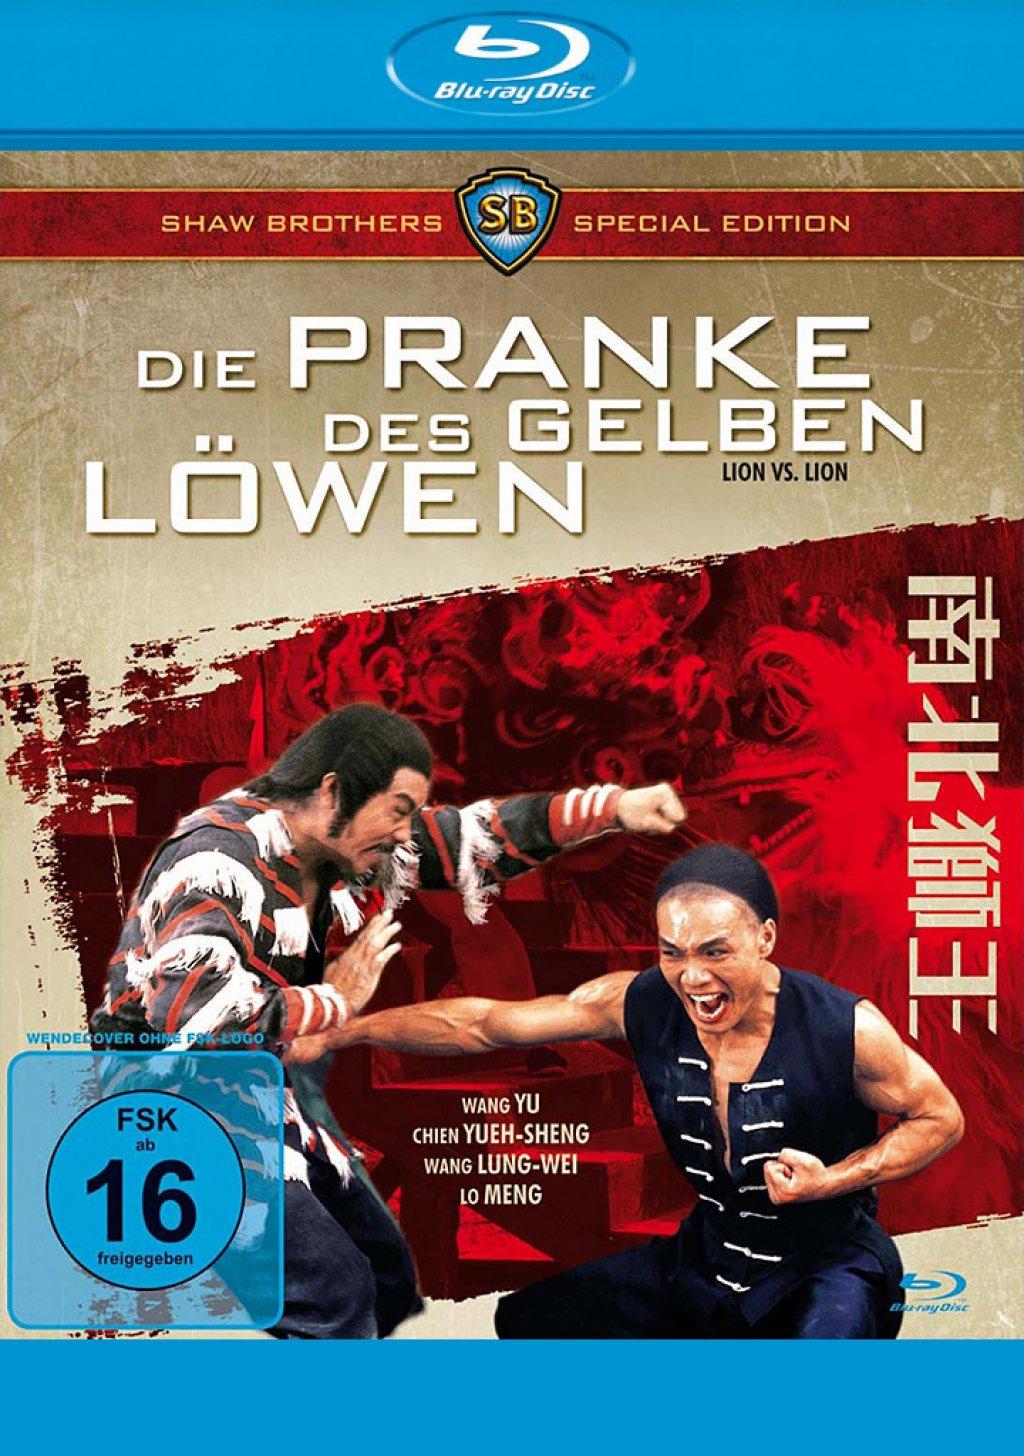 Die Pranke des gelben Löwen (Blu-ray)